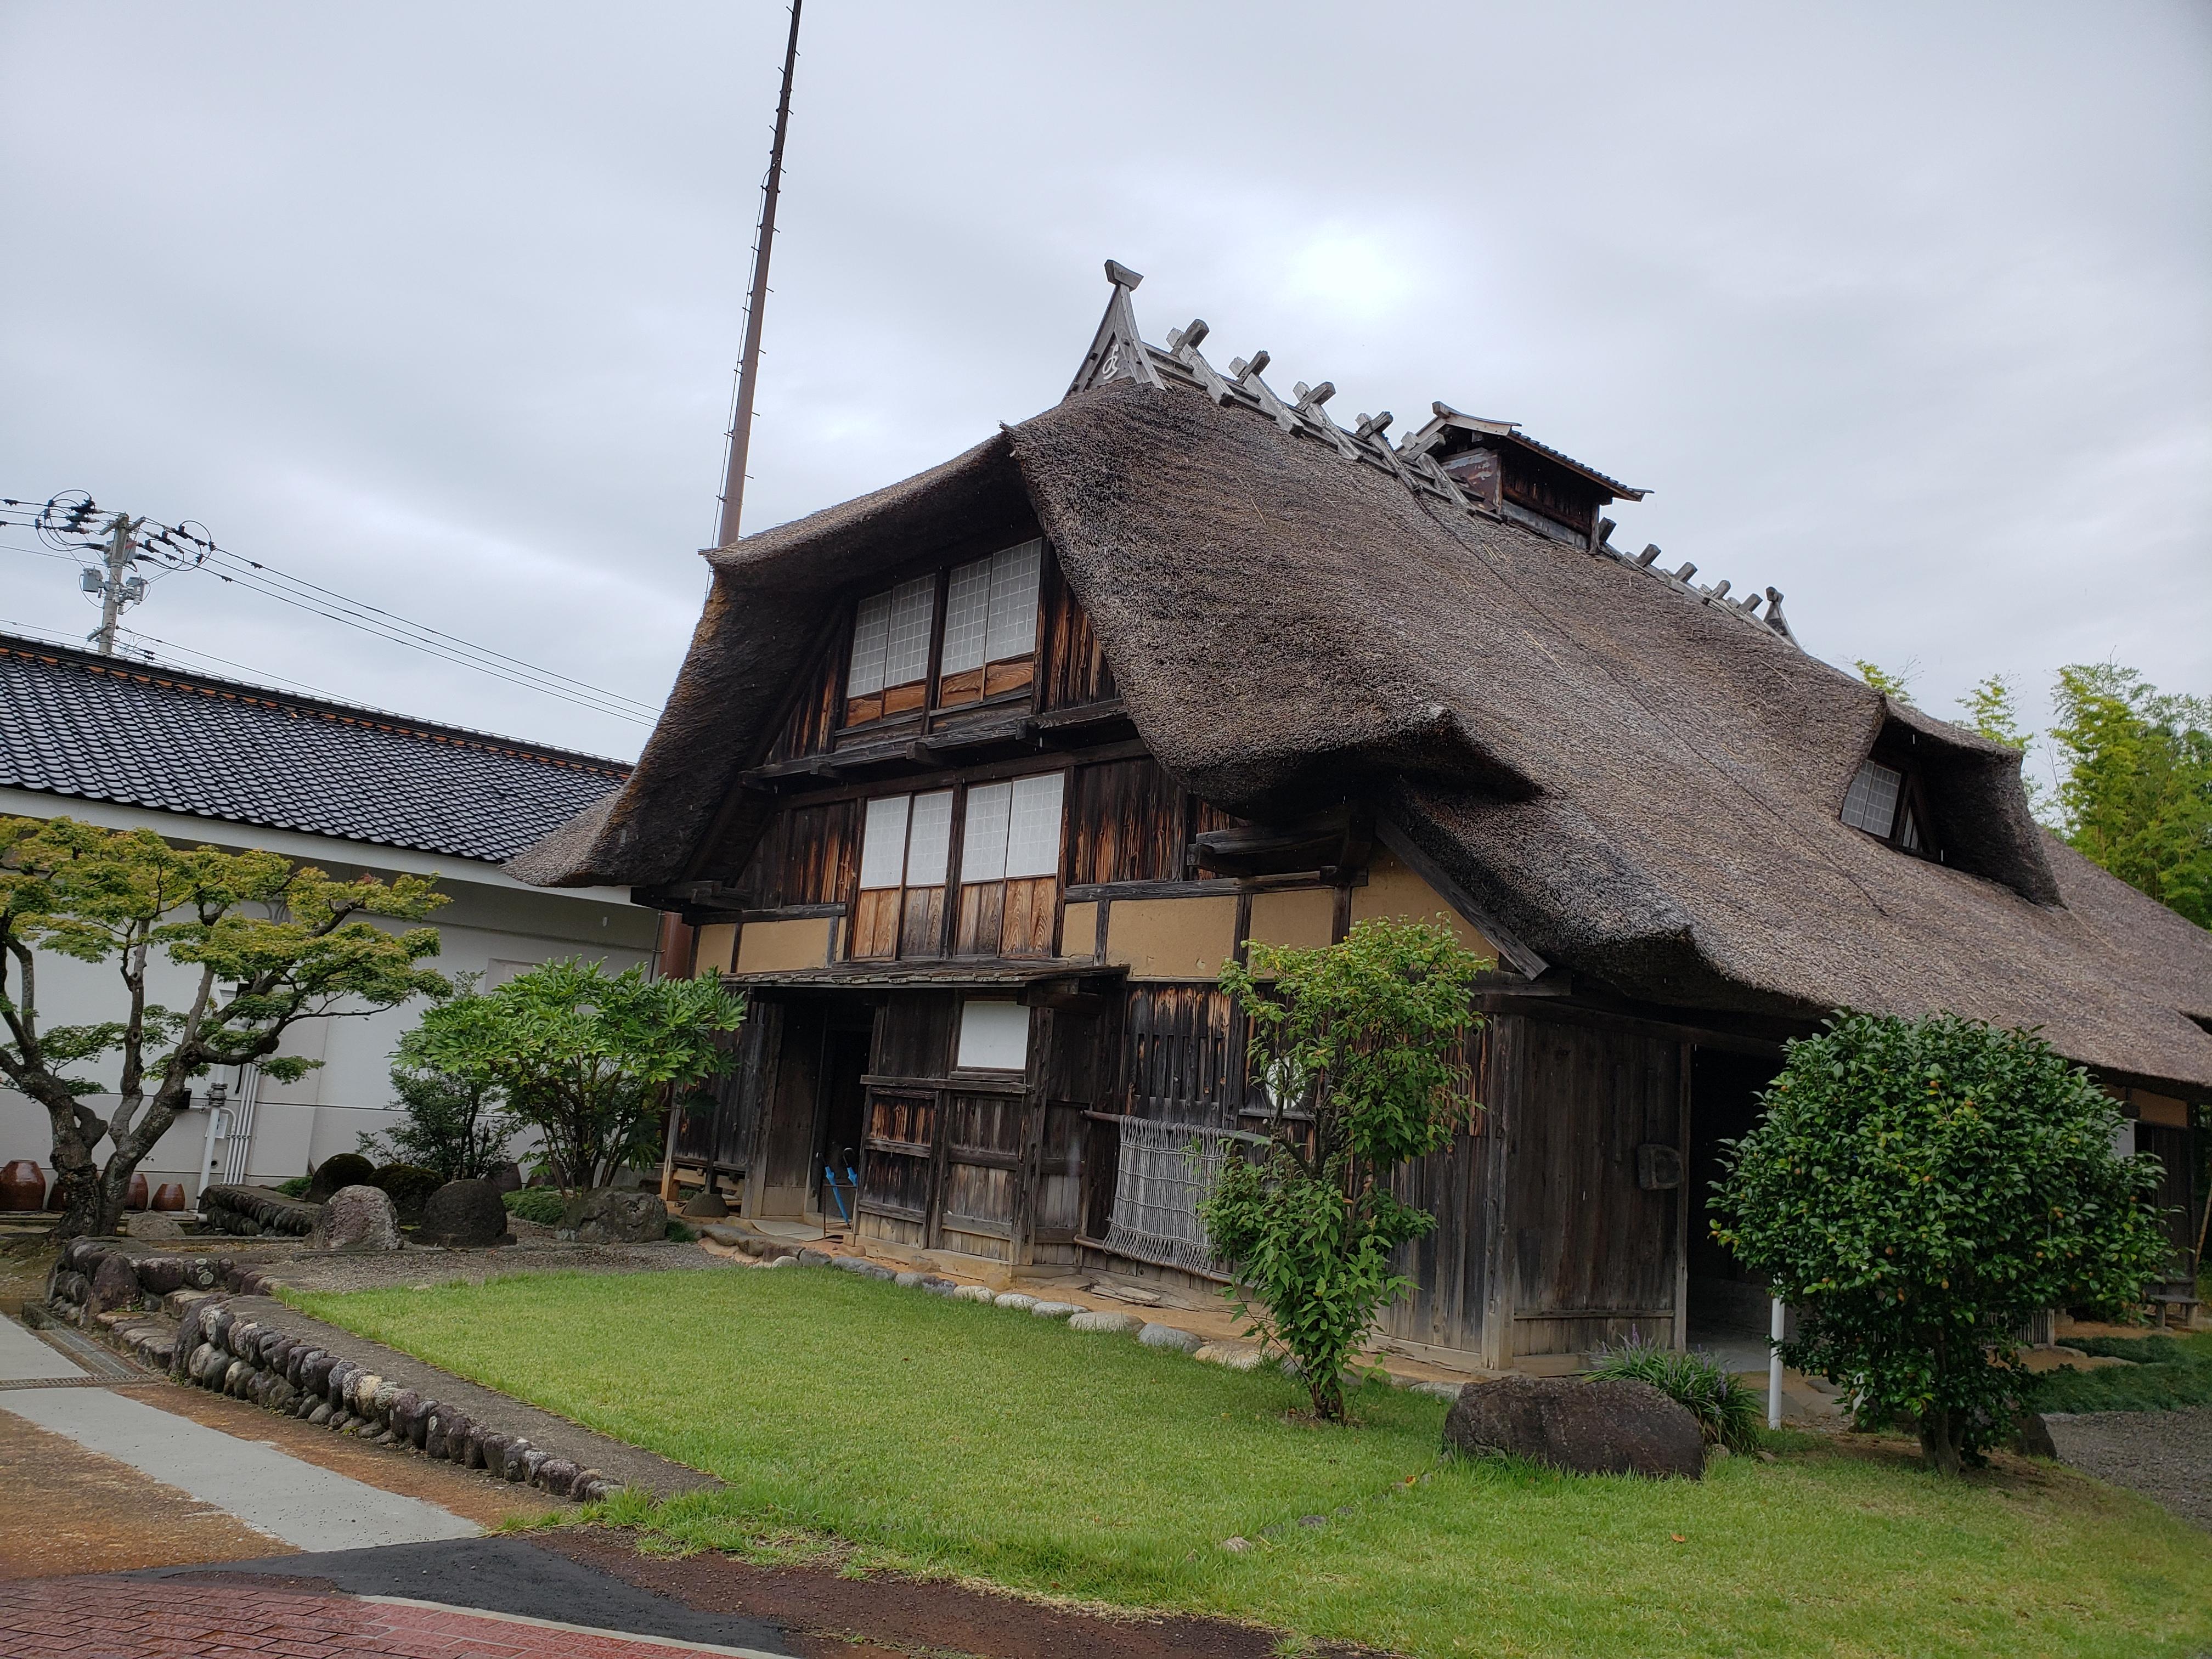 致道博物館にある当時の民家